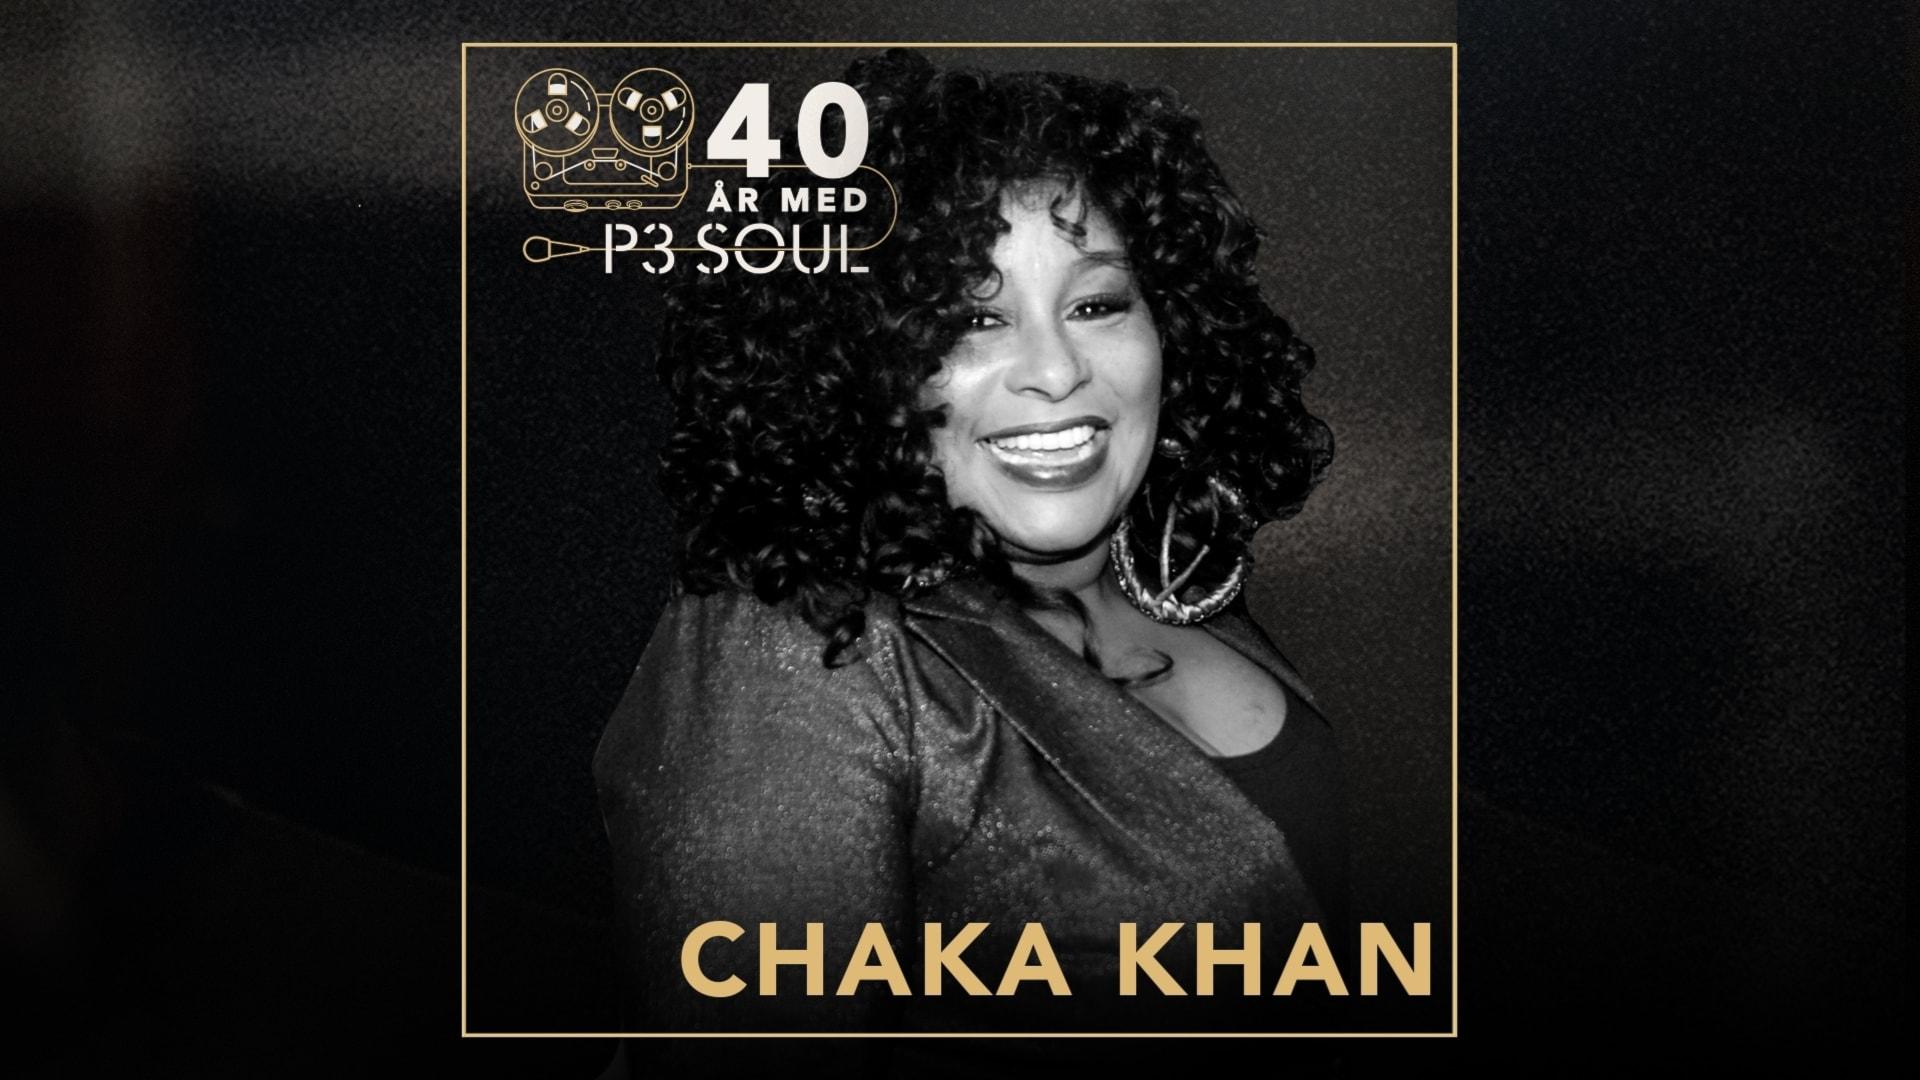 40 år med P3 Soul: Chaka Khan